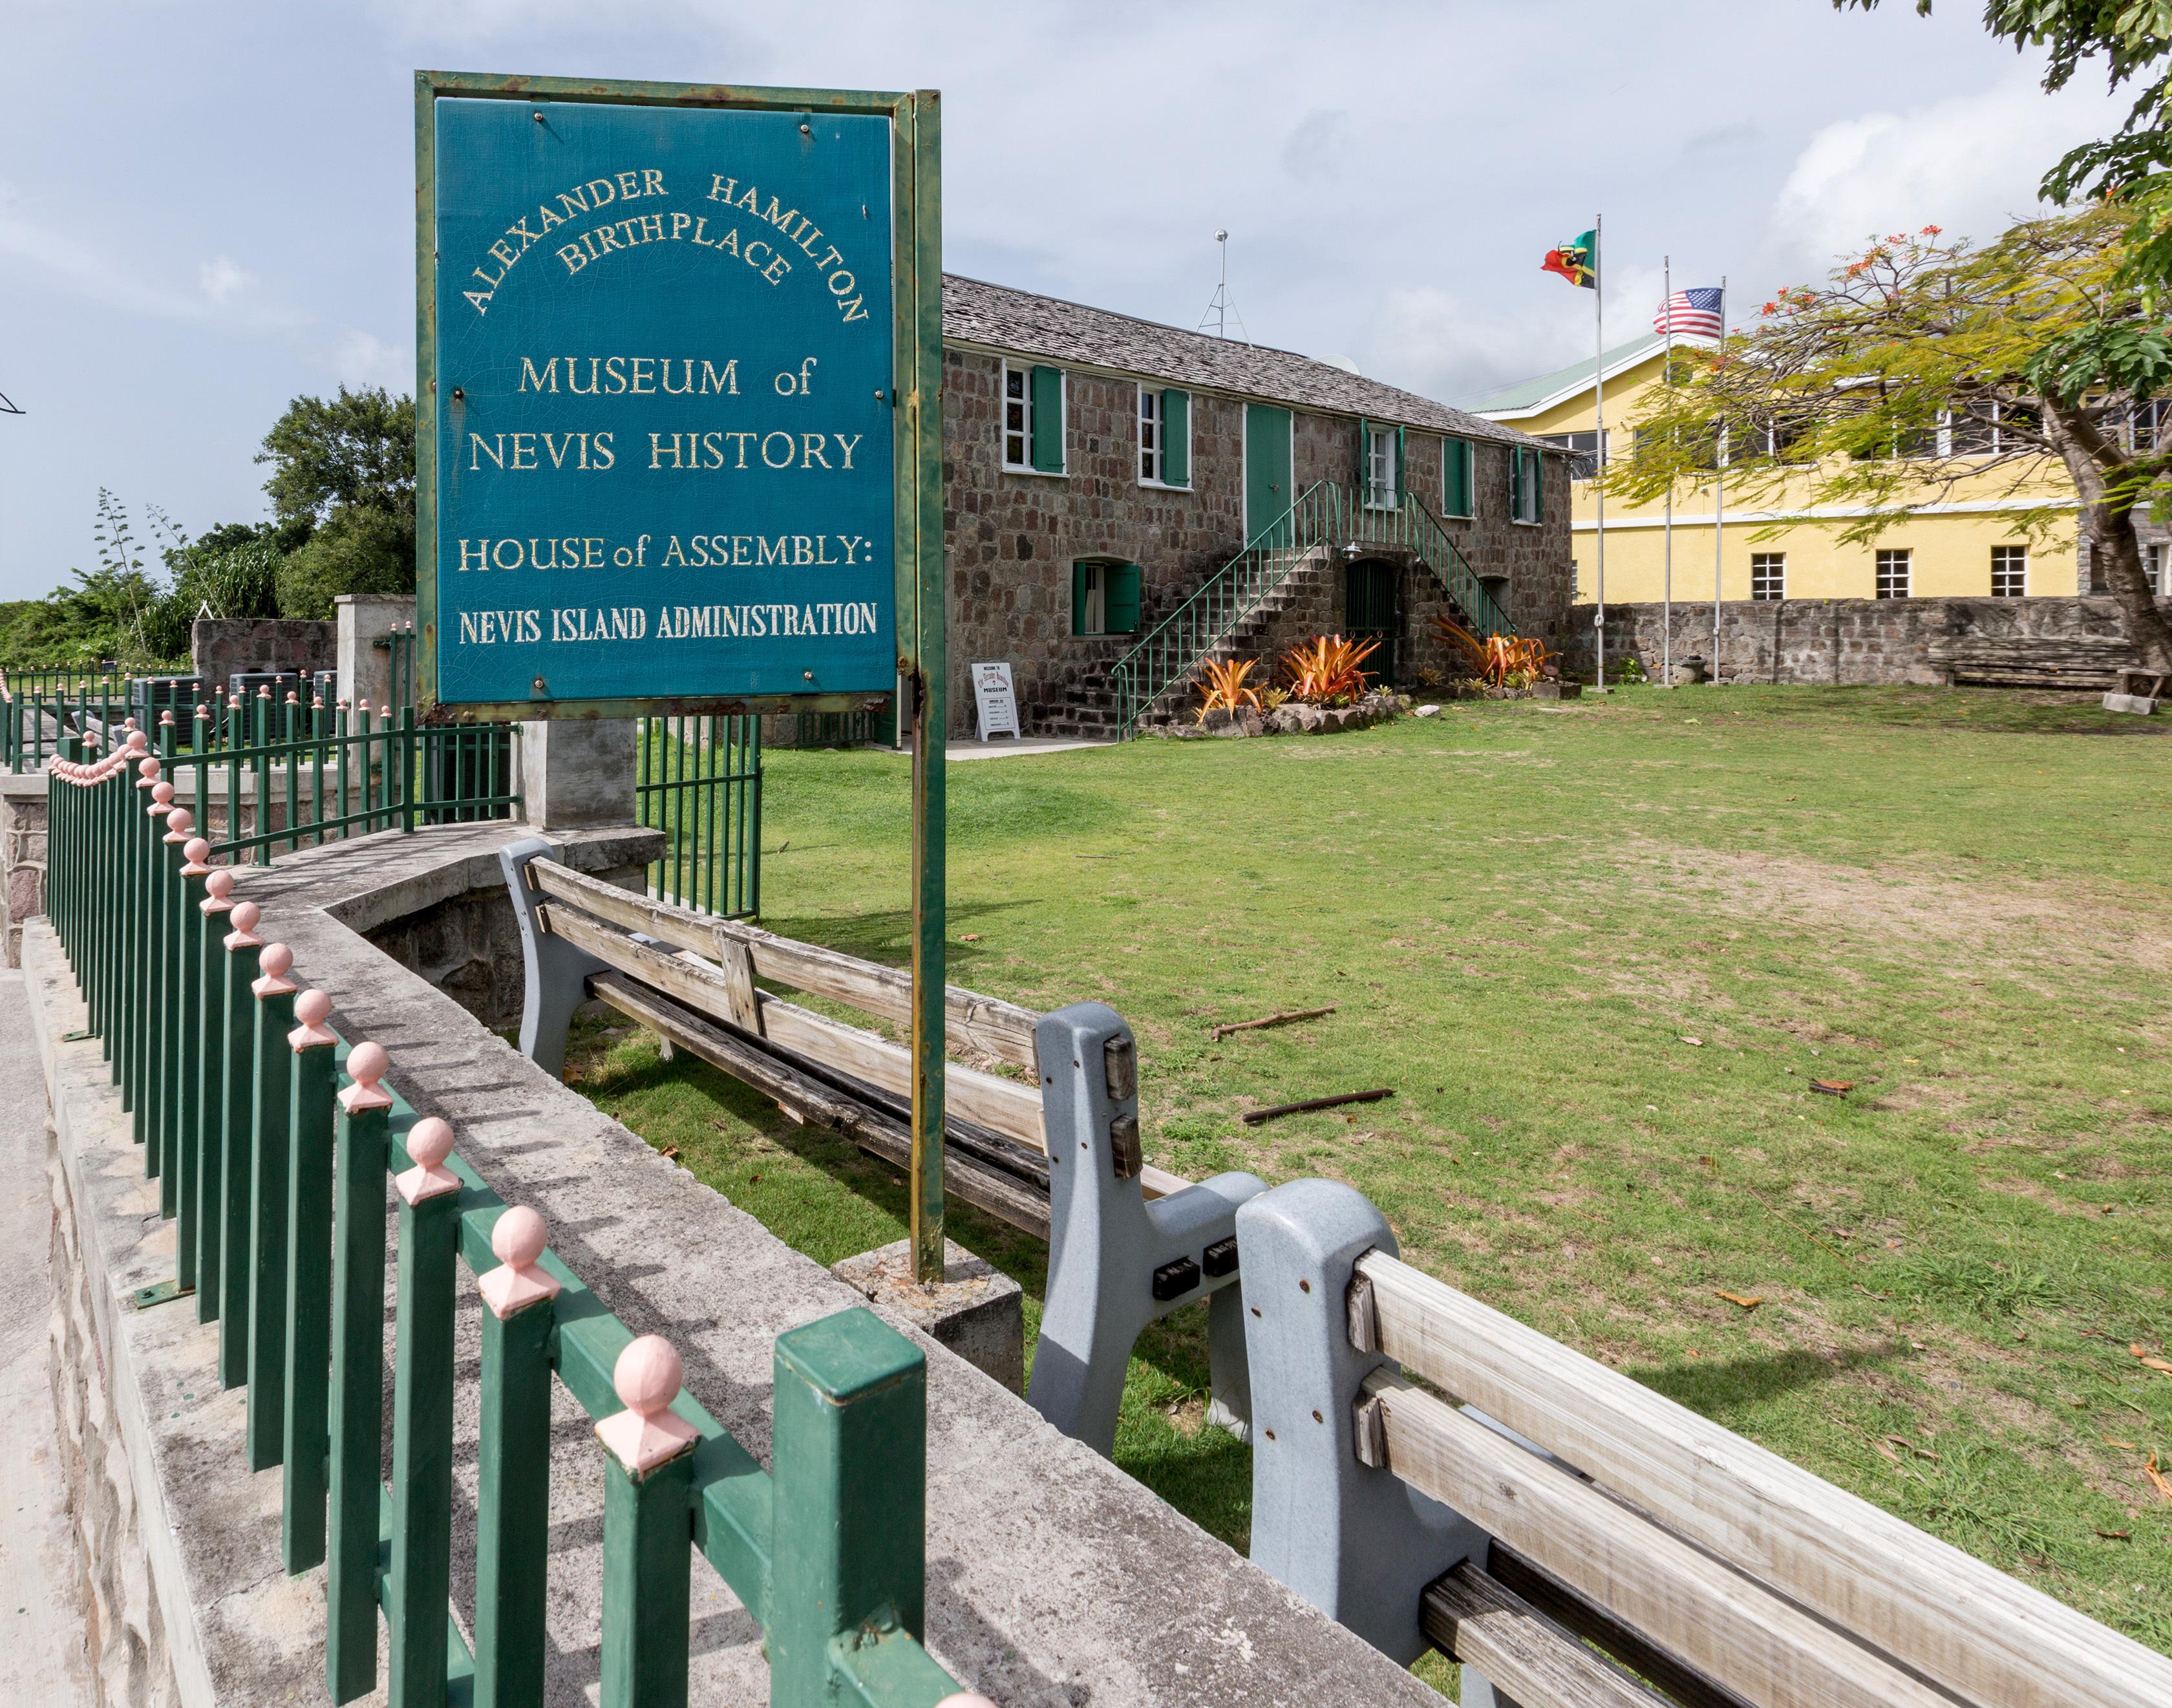 Remontez le temps à l'Alexander Hamilton House, lieu de naissance du père fondateur des États-Unis - et sujet d'une comédie musicale à succès actuelle - Alexander Hamilton (Photo gracieuseté de Nevis Tourism Authority)